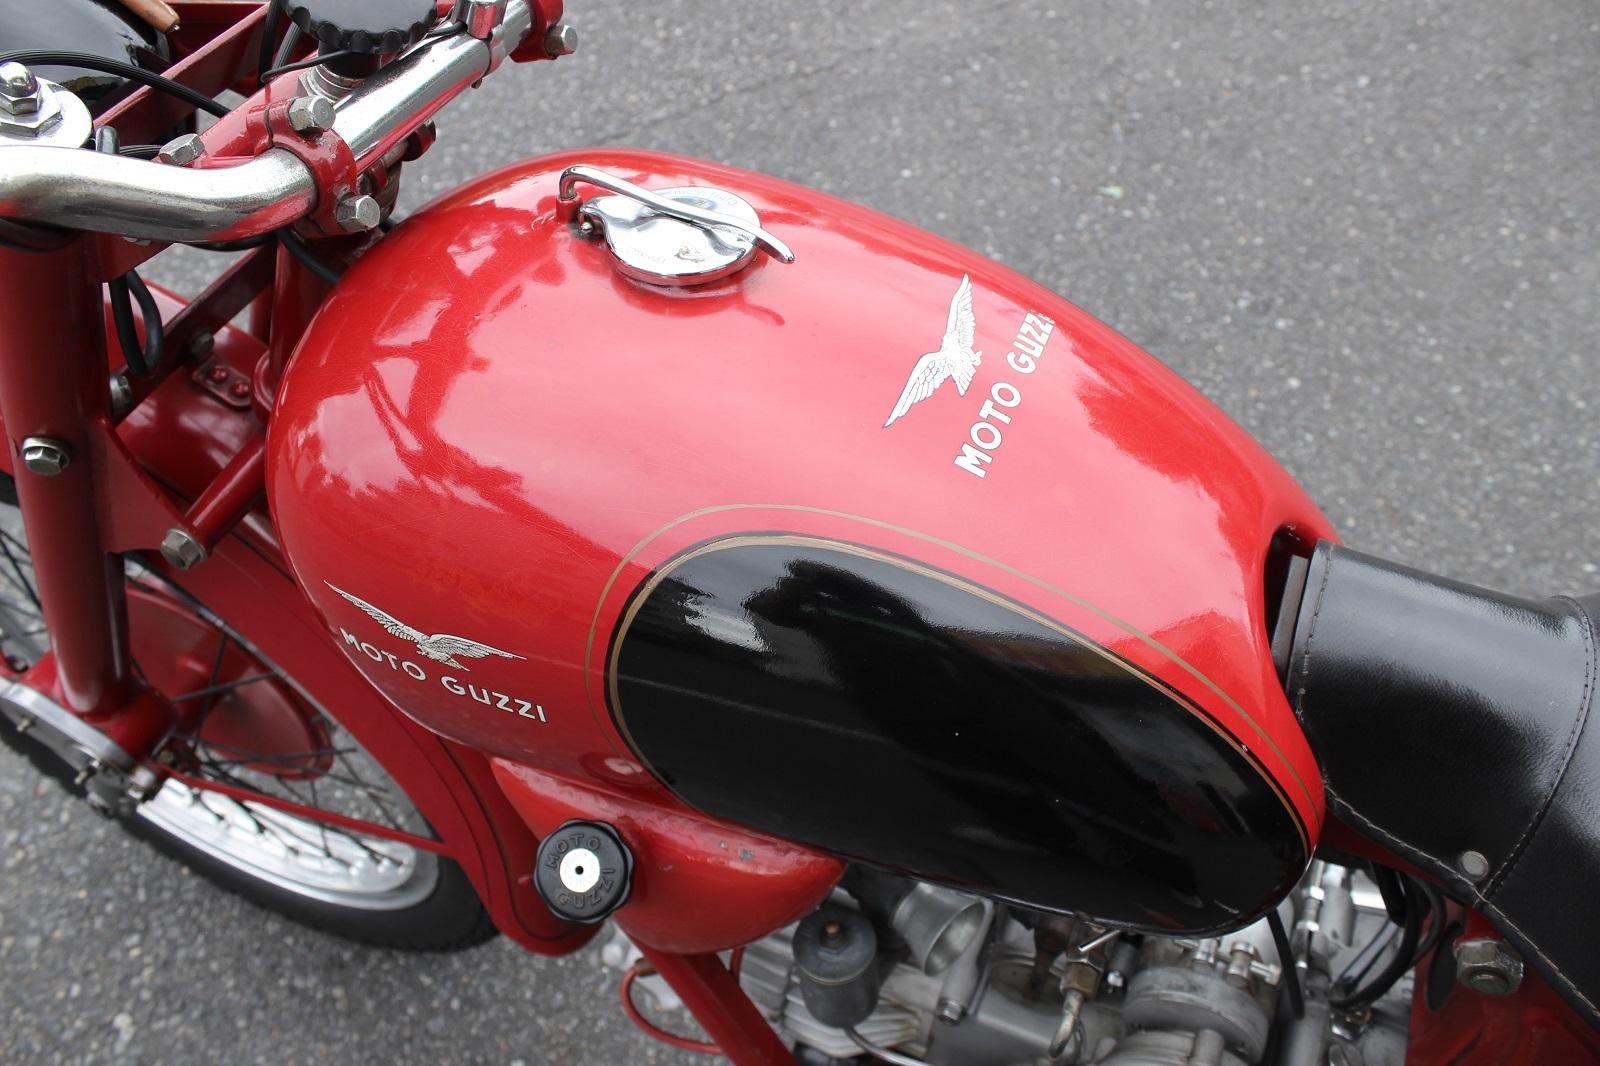 Moto Guzzi Airone Turismo 入荷。_a0208987_12180225.jpg